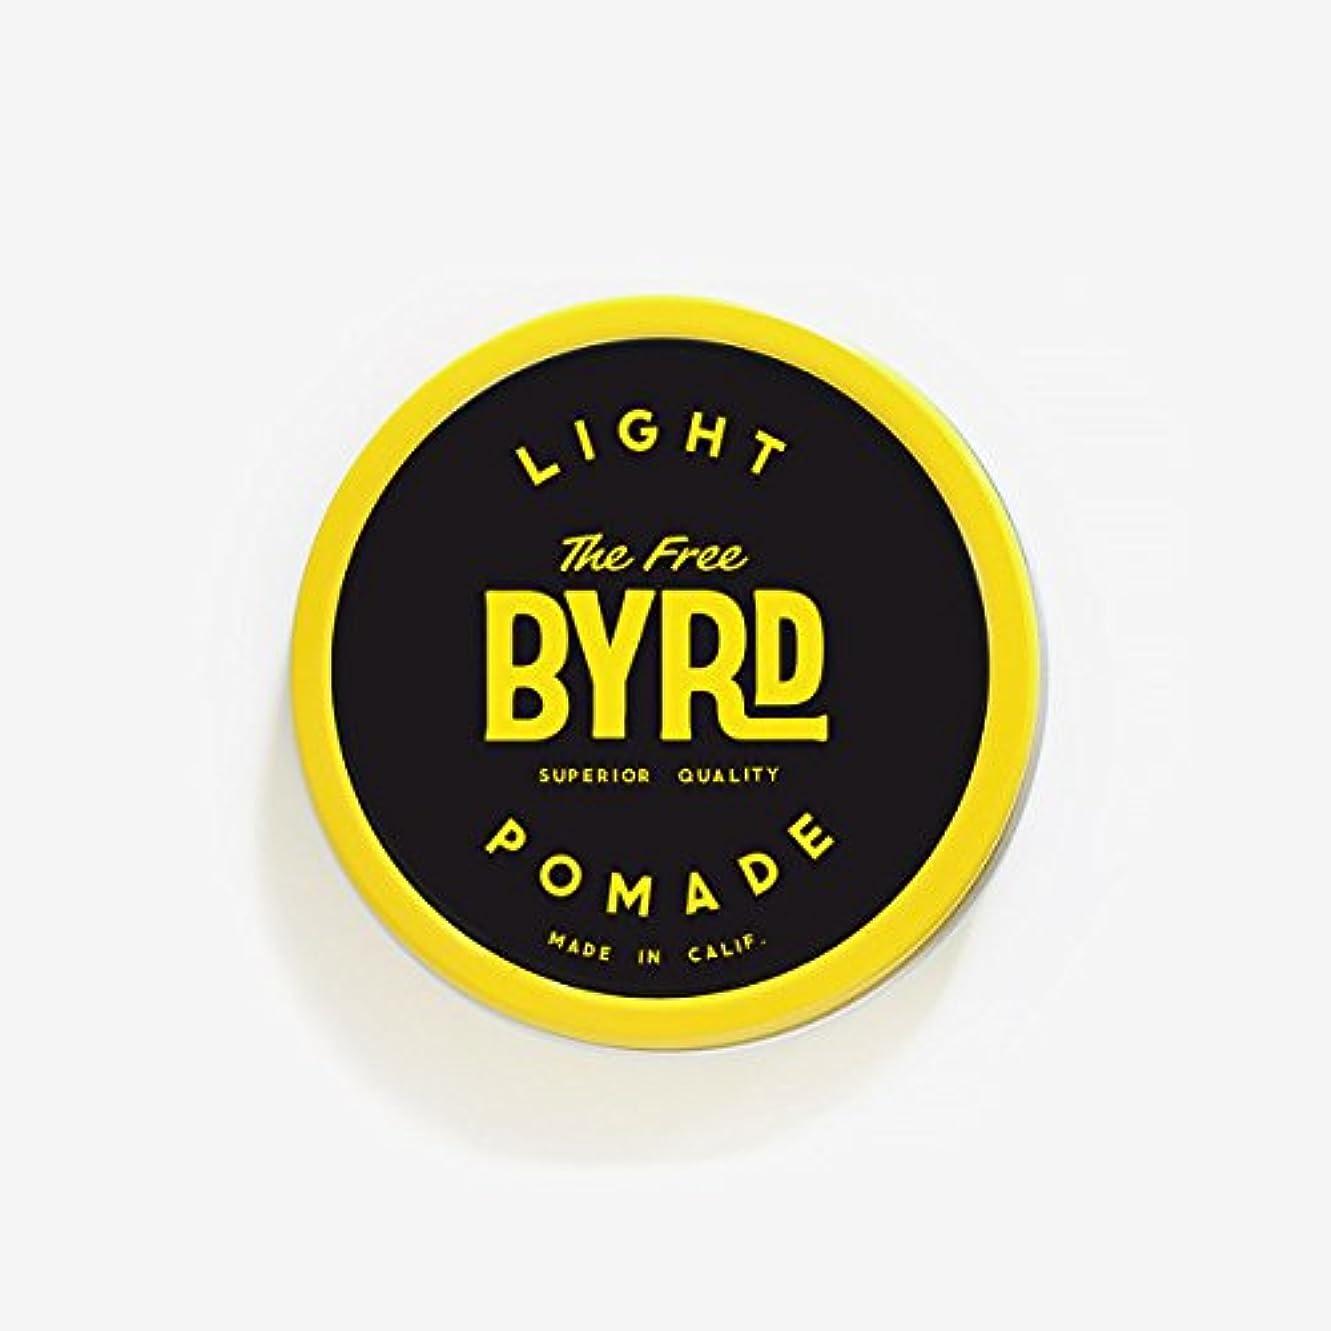 スリッパ柔らかい足ハードウェアバード(BYRD) カリフォルニア発ポマード288 LIGHT POMADE SMALL(スモールサイズ)ライトスタイルヘアワックスヘアスタイリング剤耐水性香料メンズ/レディース 【LIGHT】SMALL